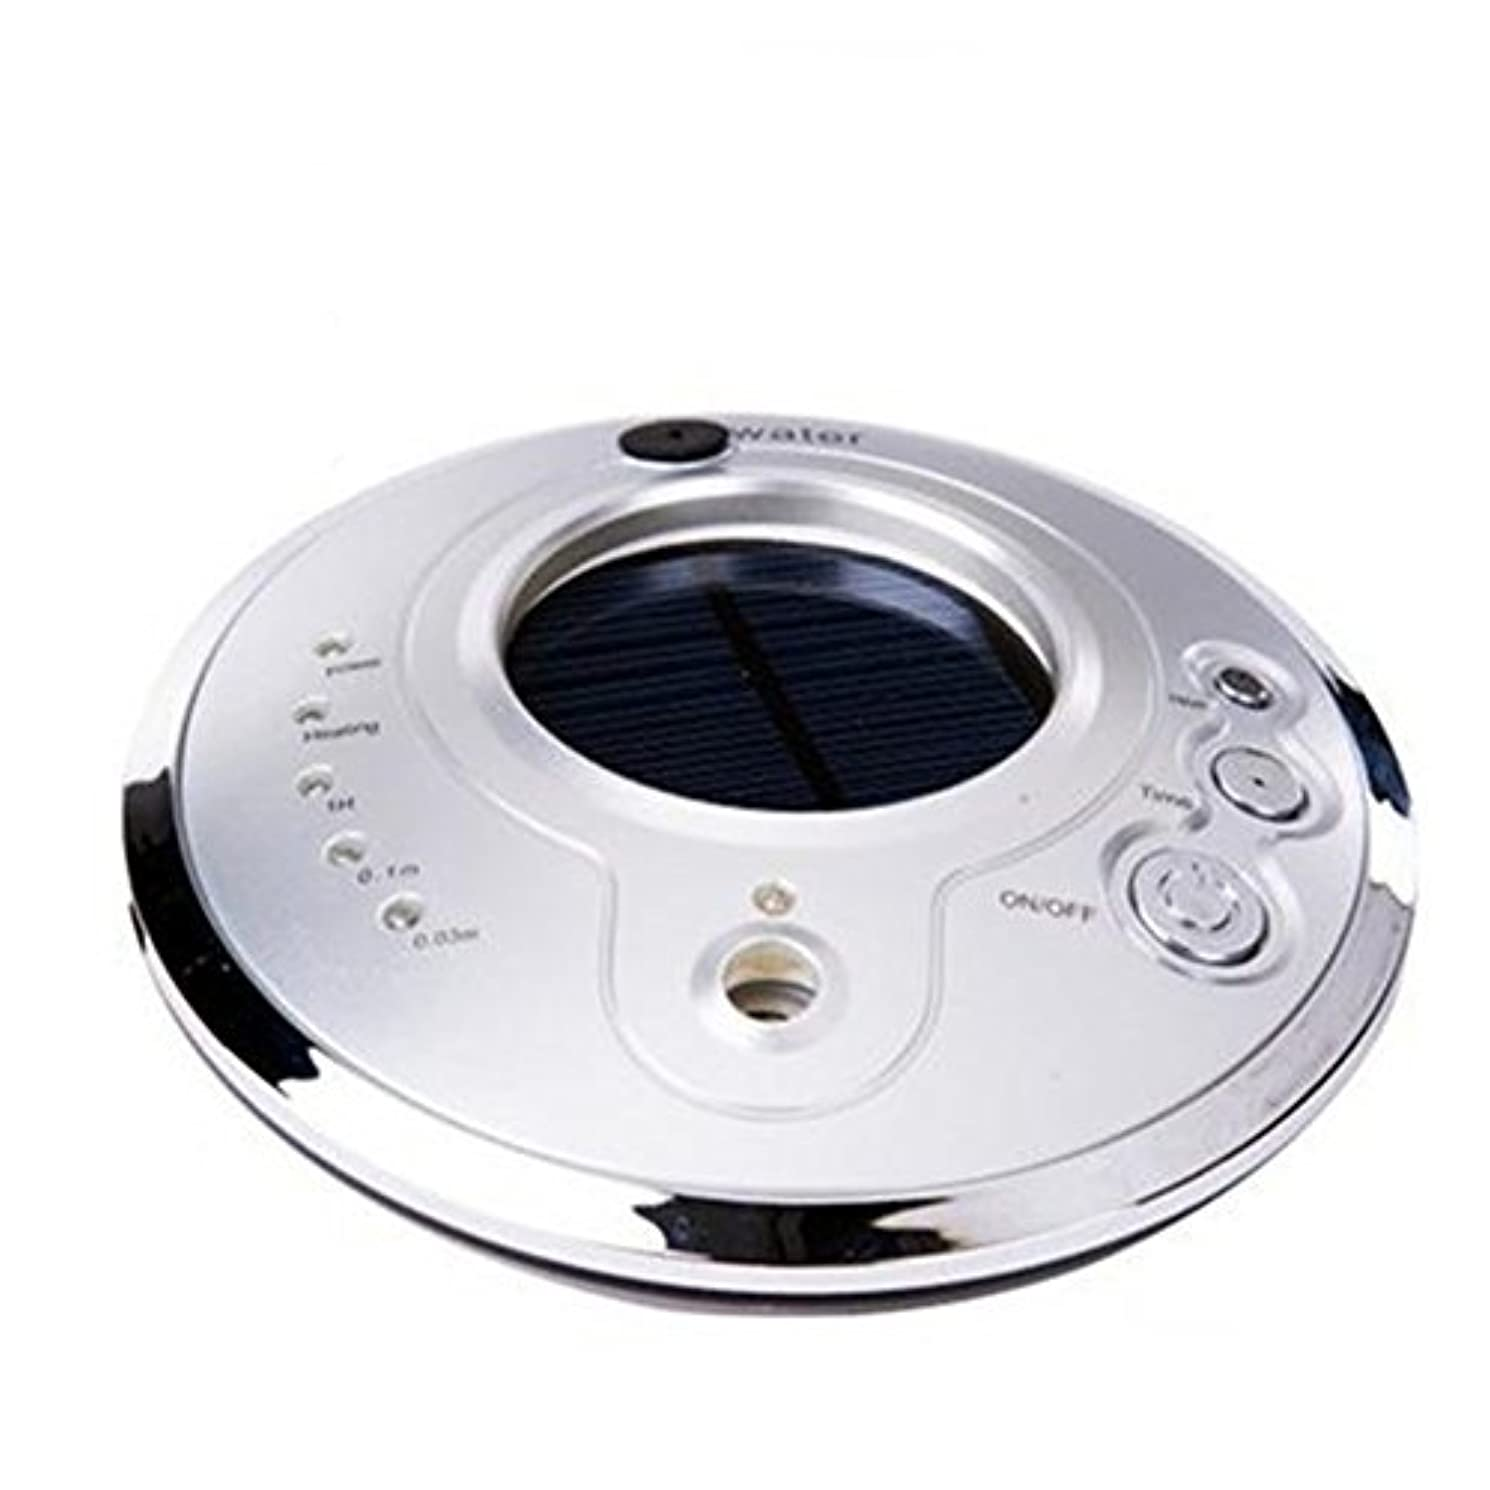 磁気後ろに落胆させるAuroraloveイオン空気清浄機Fresher USB車空気加湿器、ソーラーイオン加湿器、アロマセラピー車Essential Oil Diffuser、超音波車モードで調節可能なミスト加湿器 シルバー